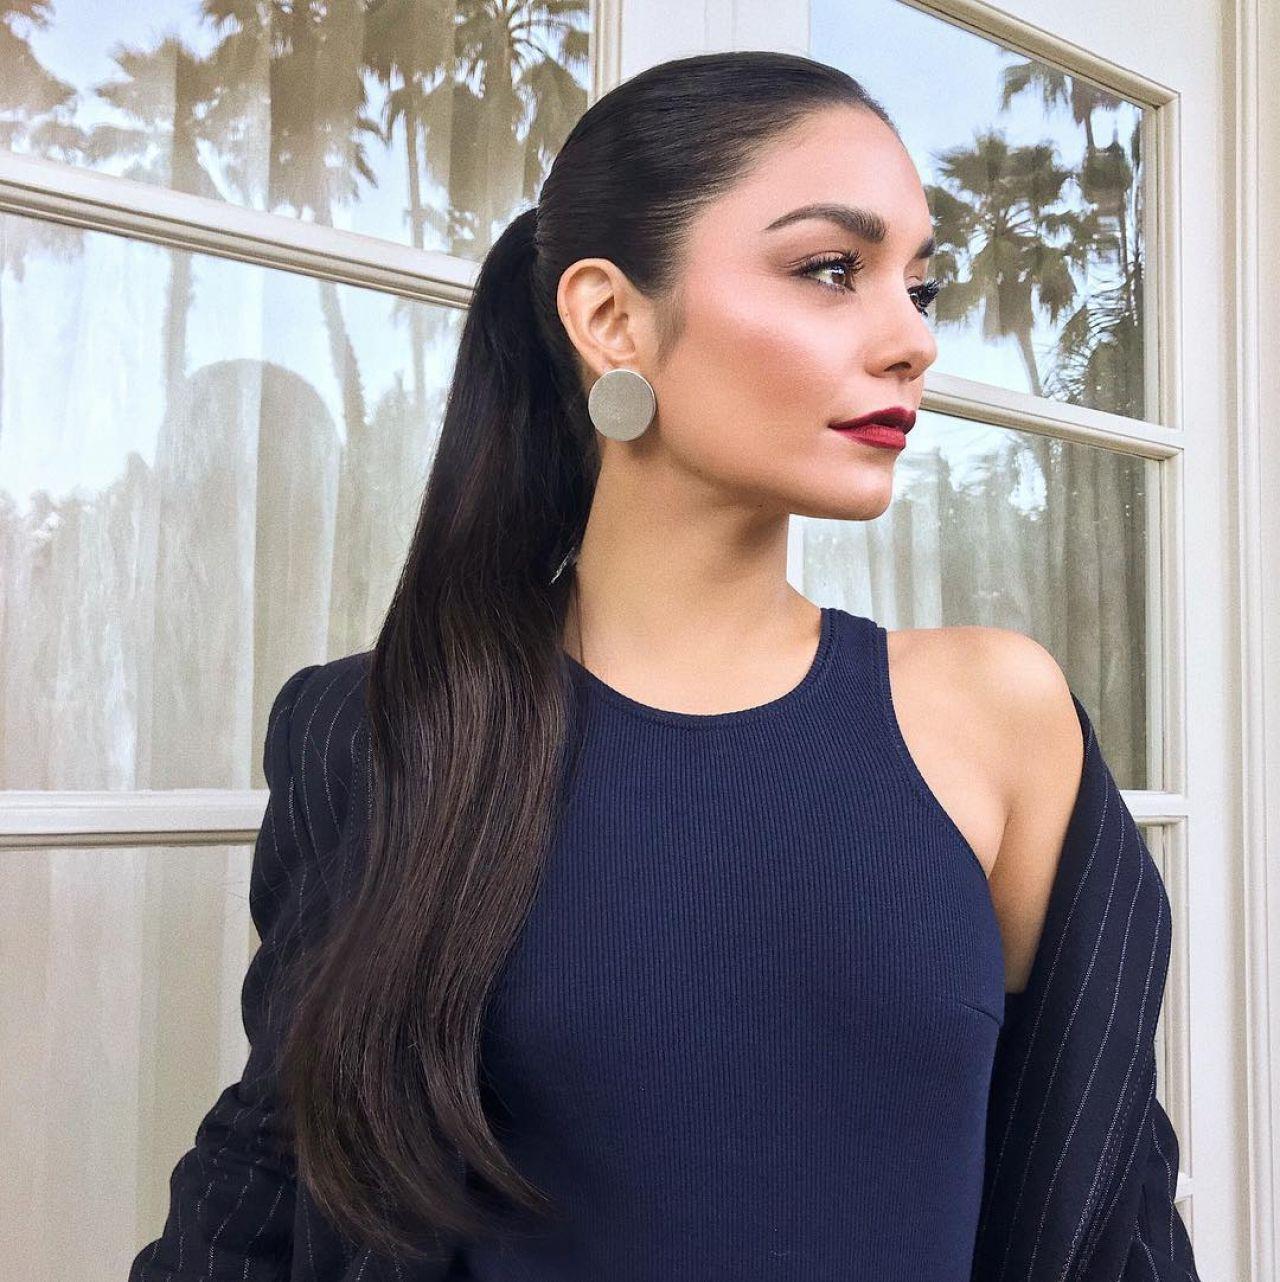 Vanessa Hudgens Personal Pics 10 18 2018